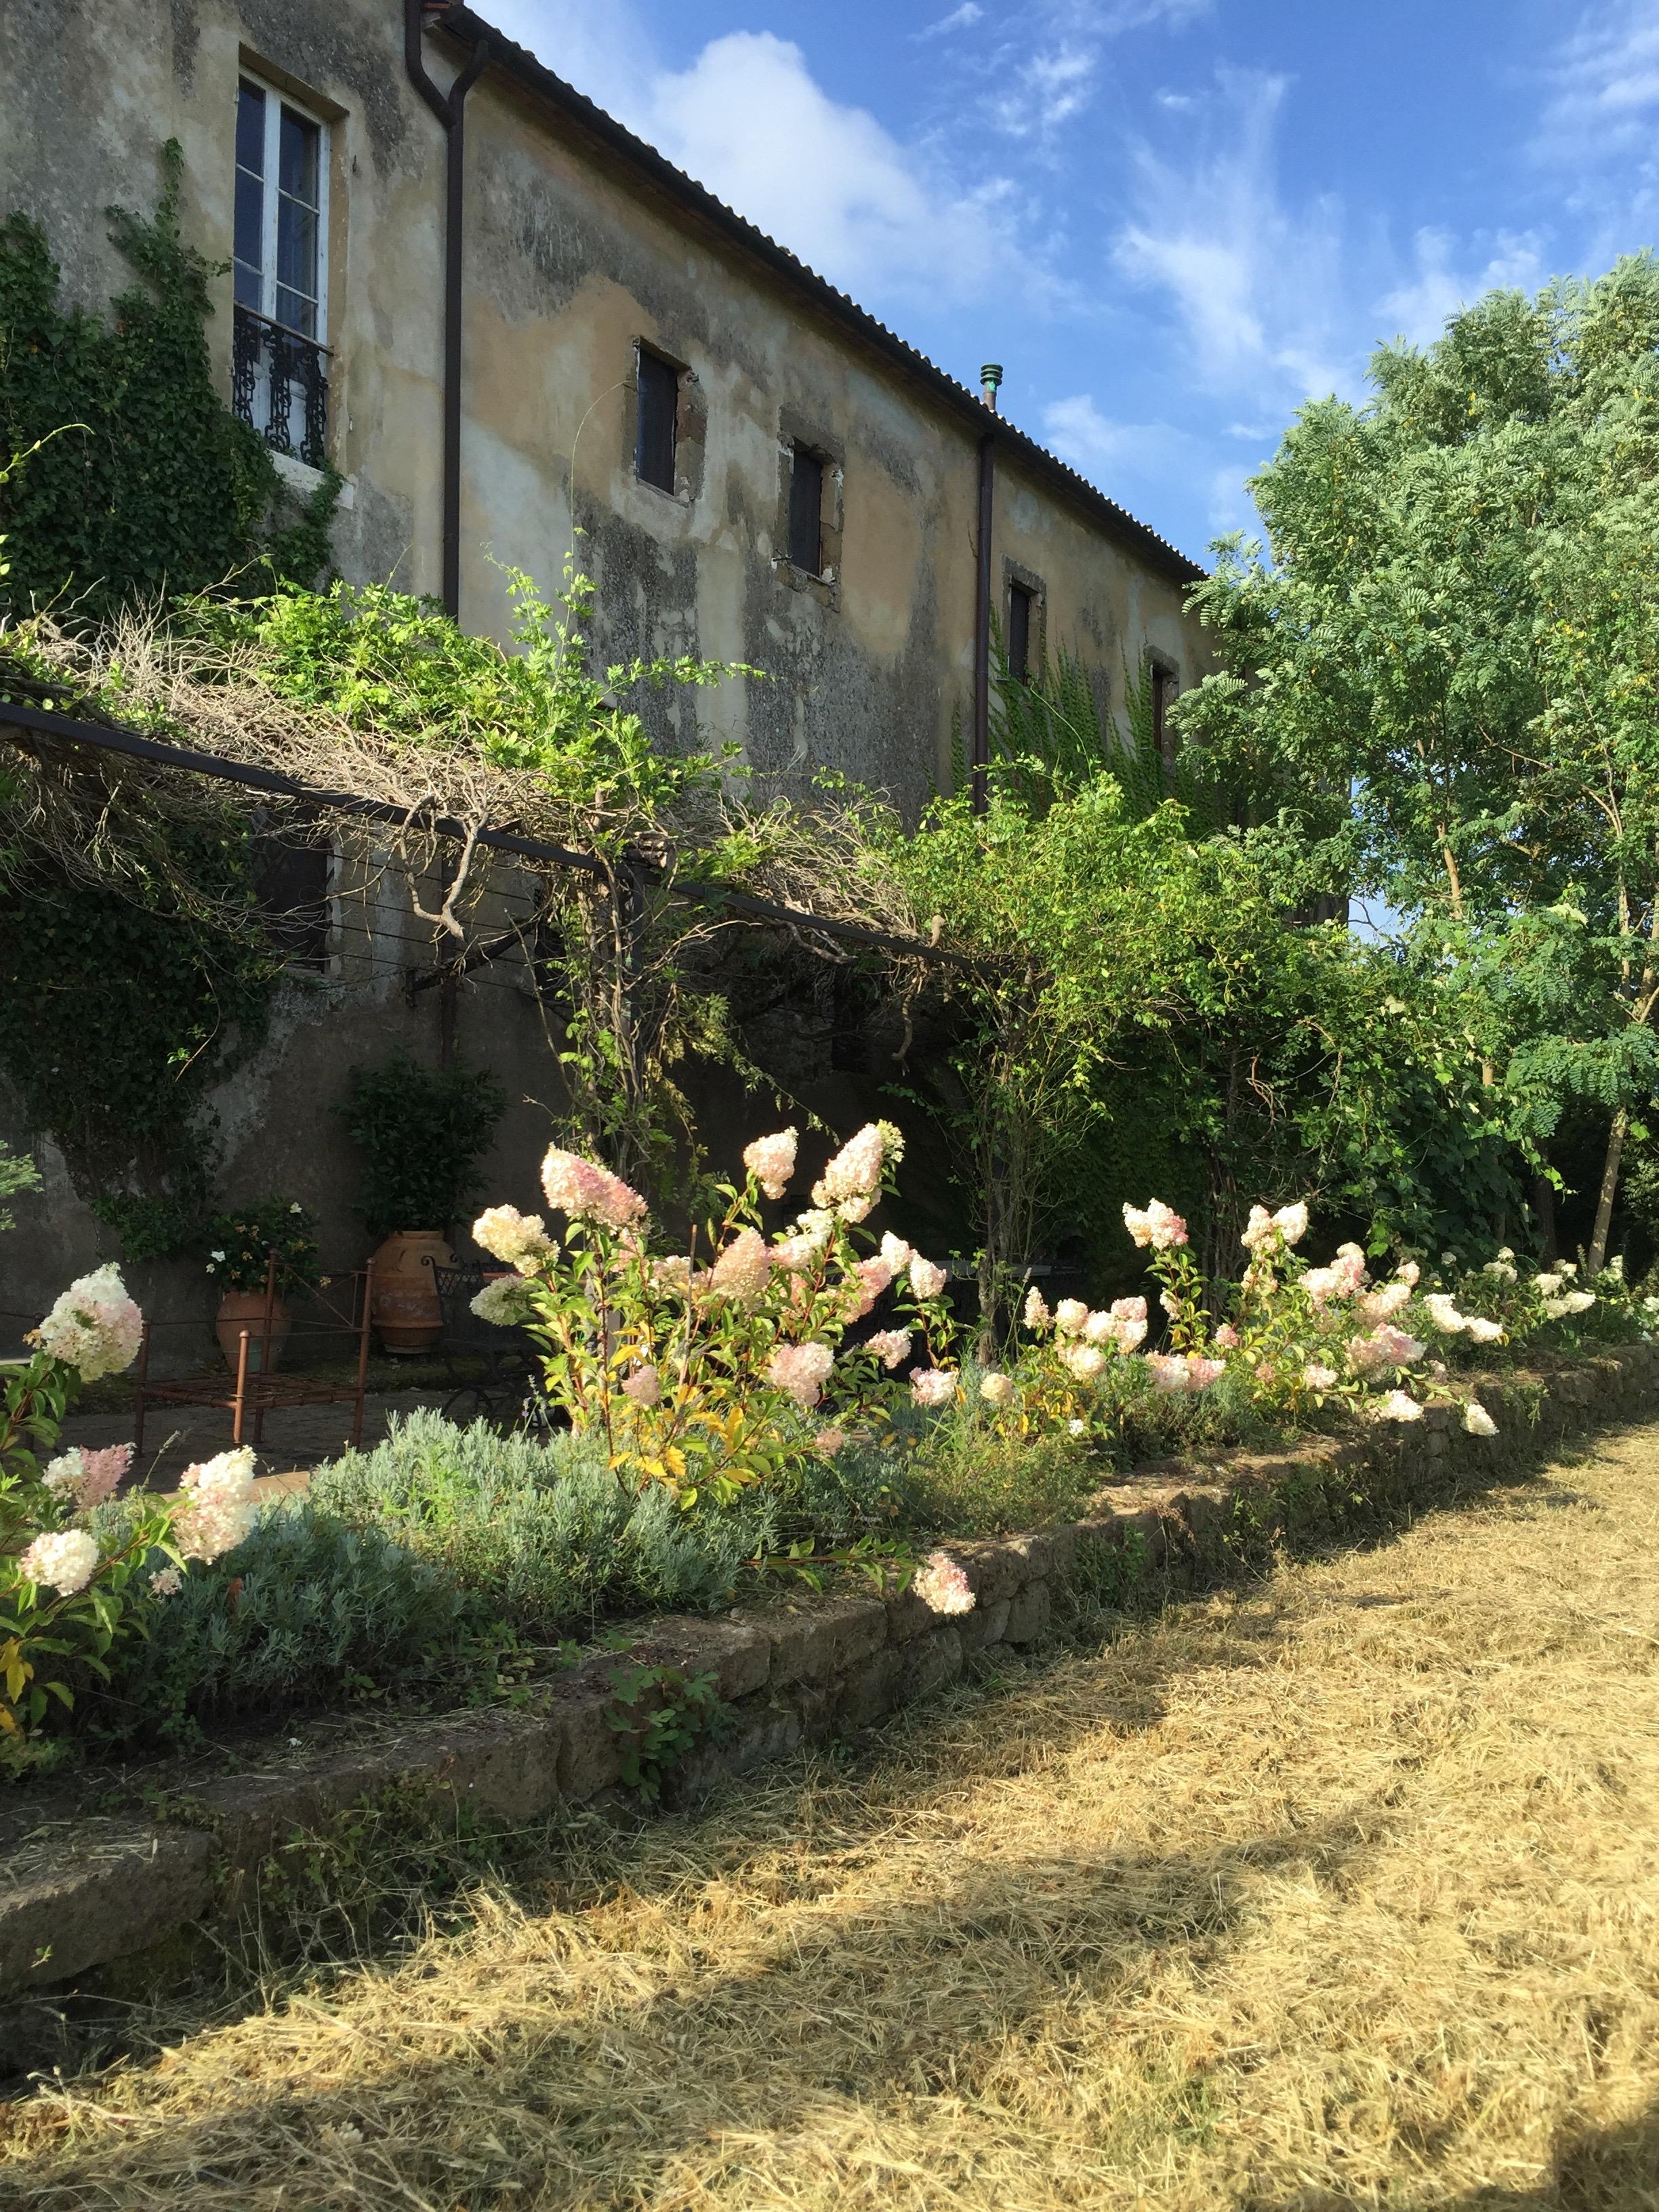 Garden Venetia - 1 of 38 (35).jpg